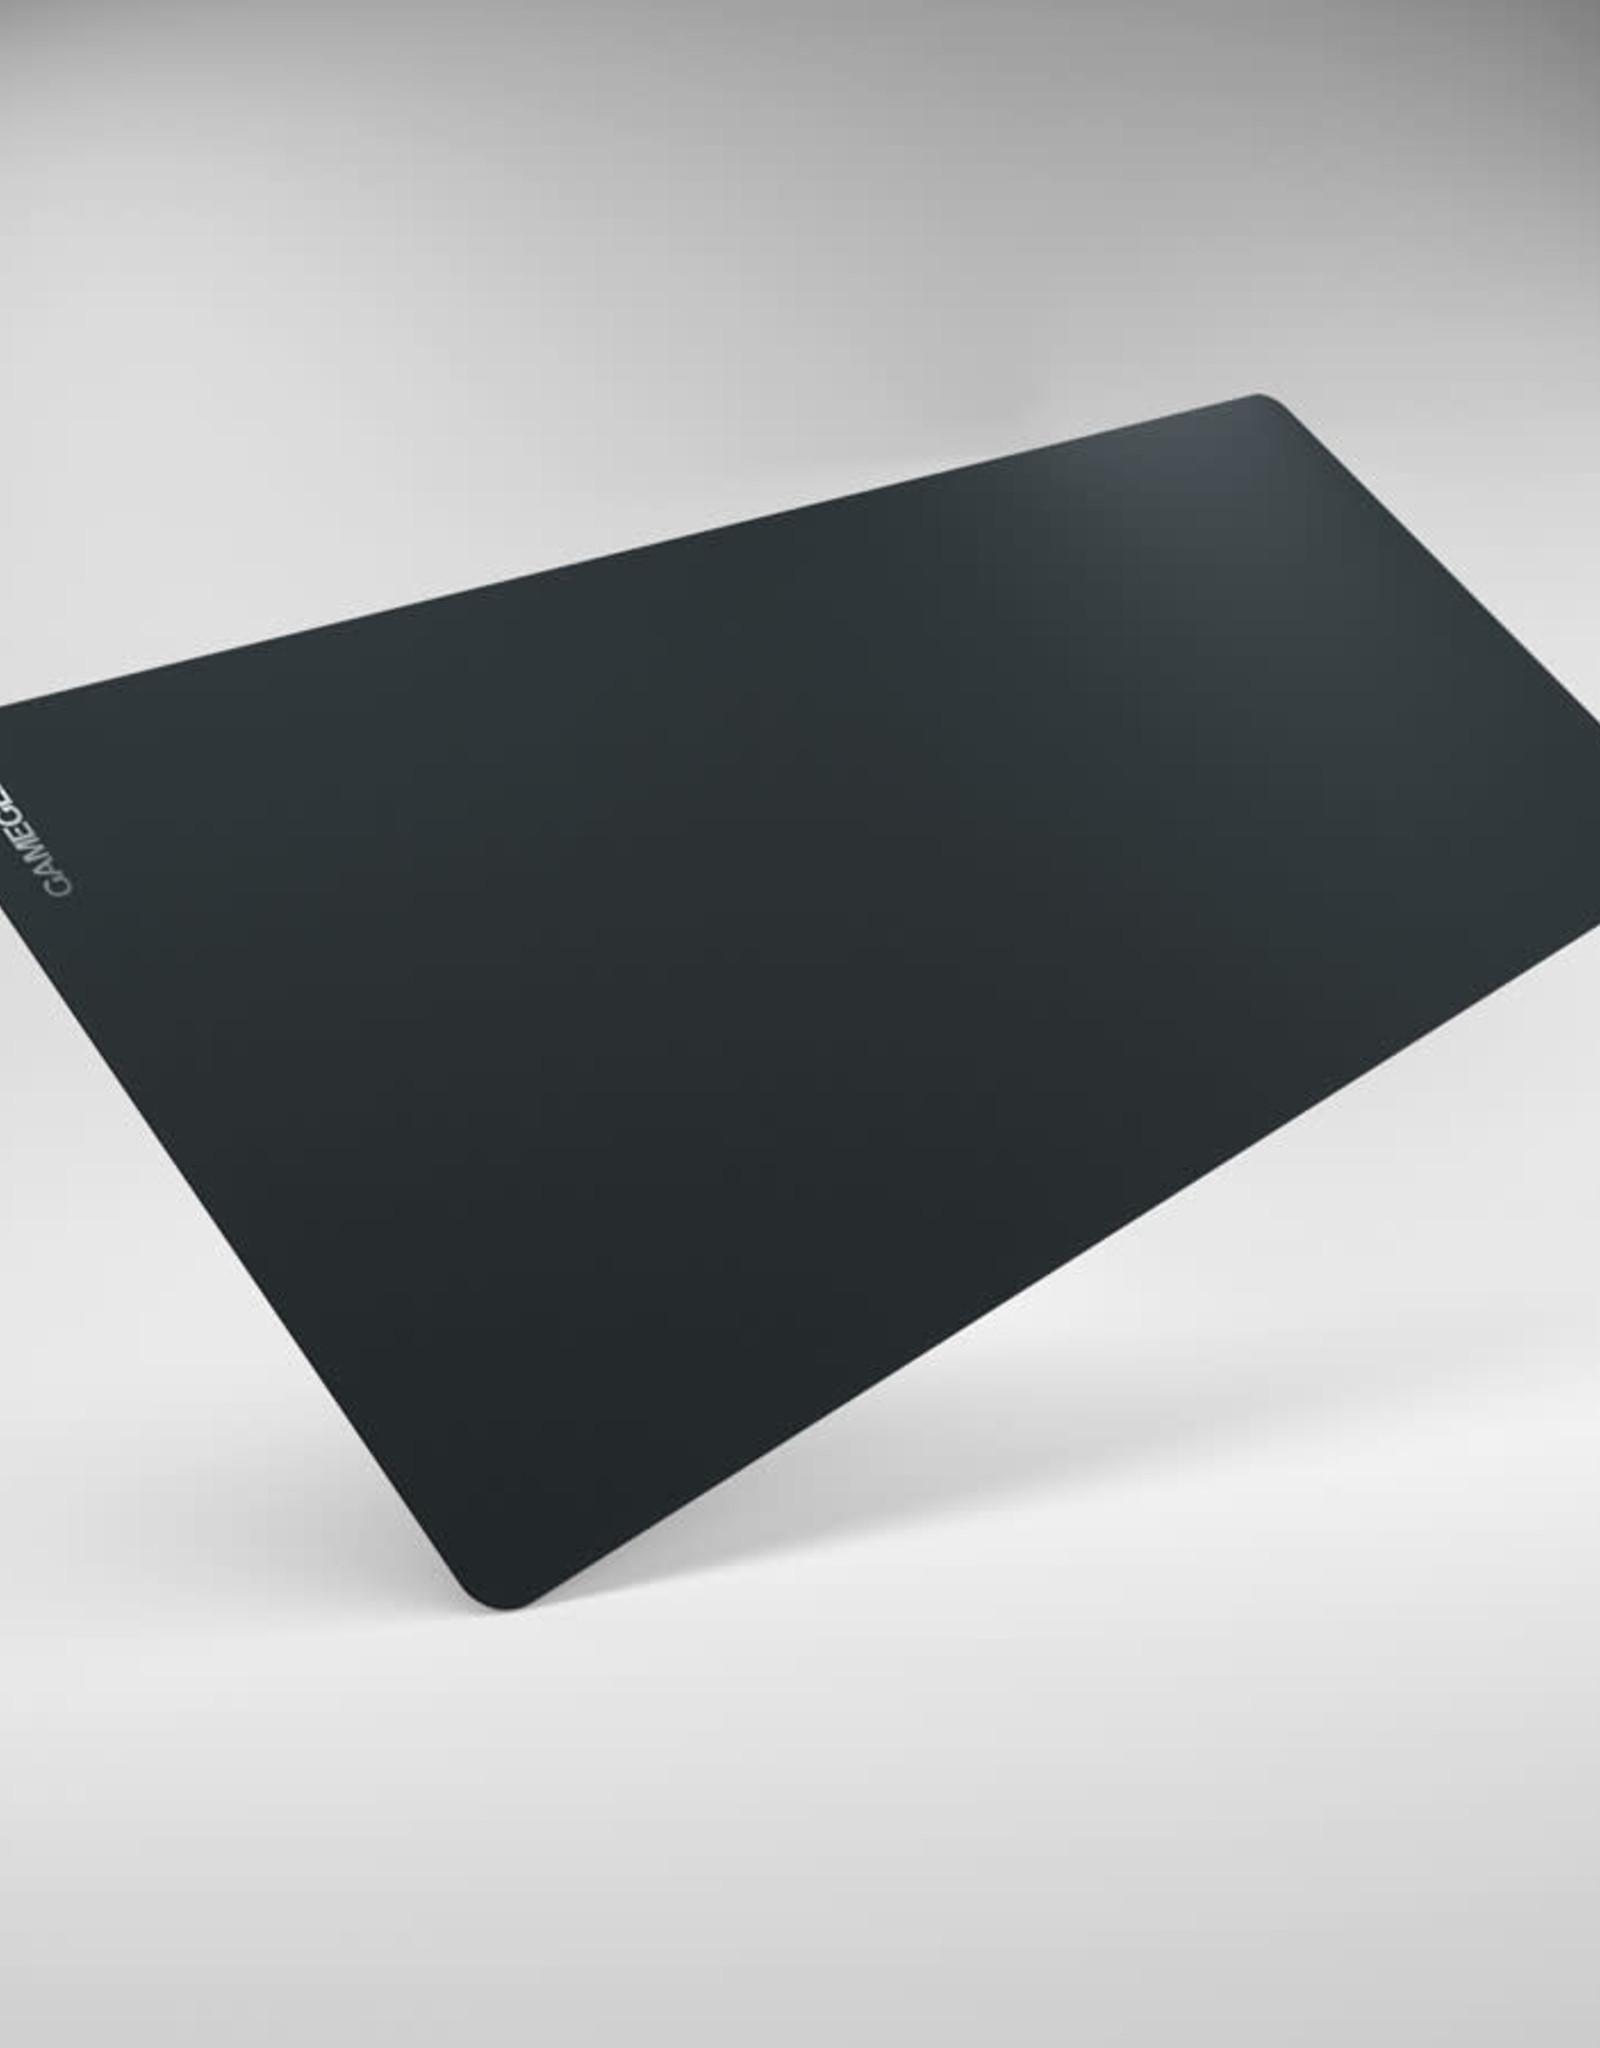 Prime Playmat: XL 80cm x 35cm